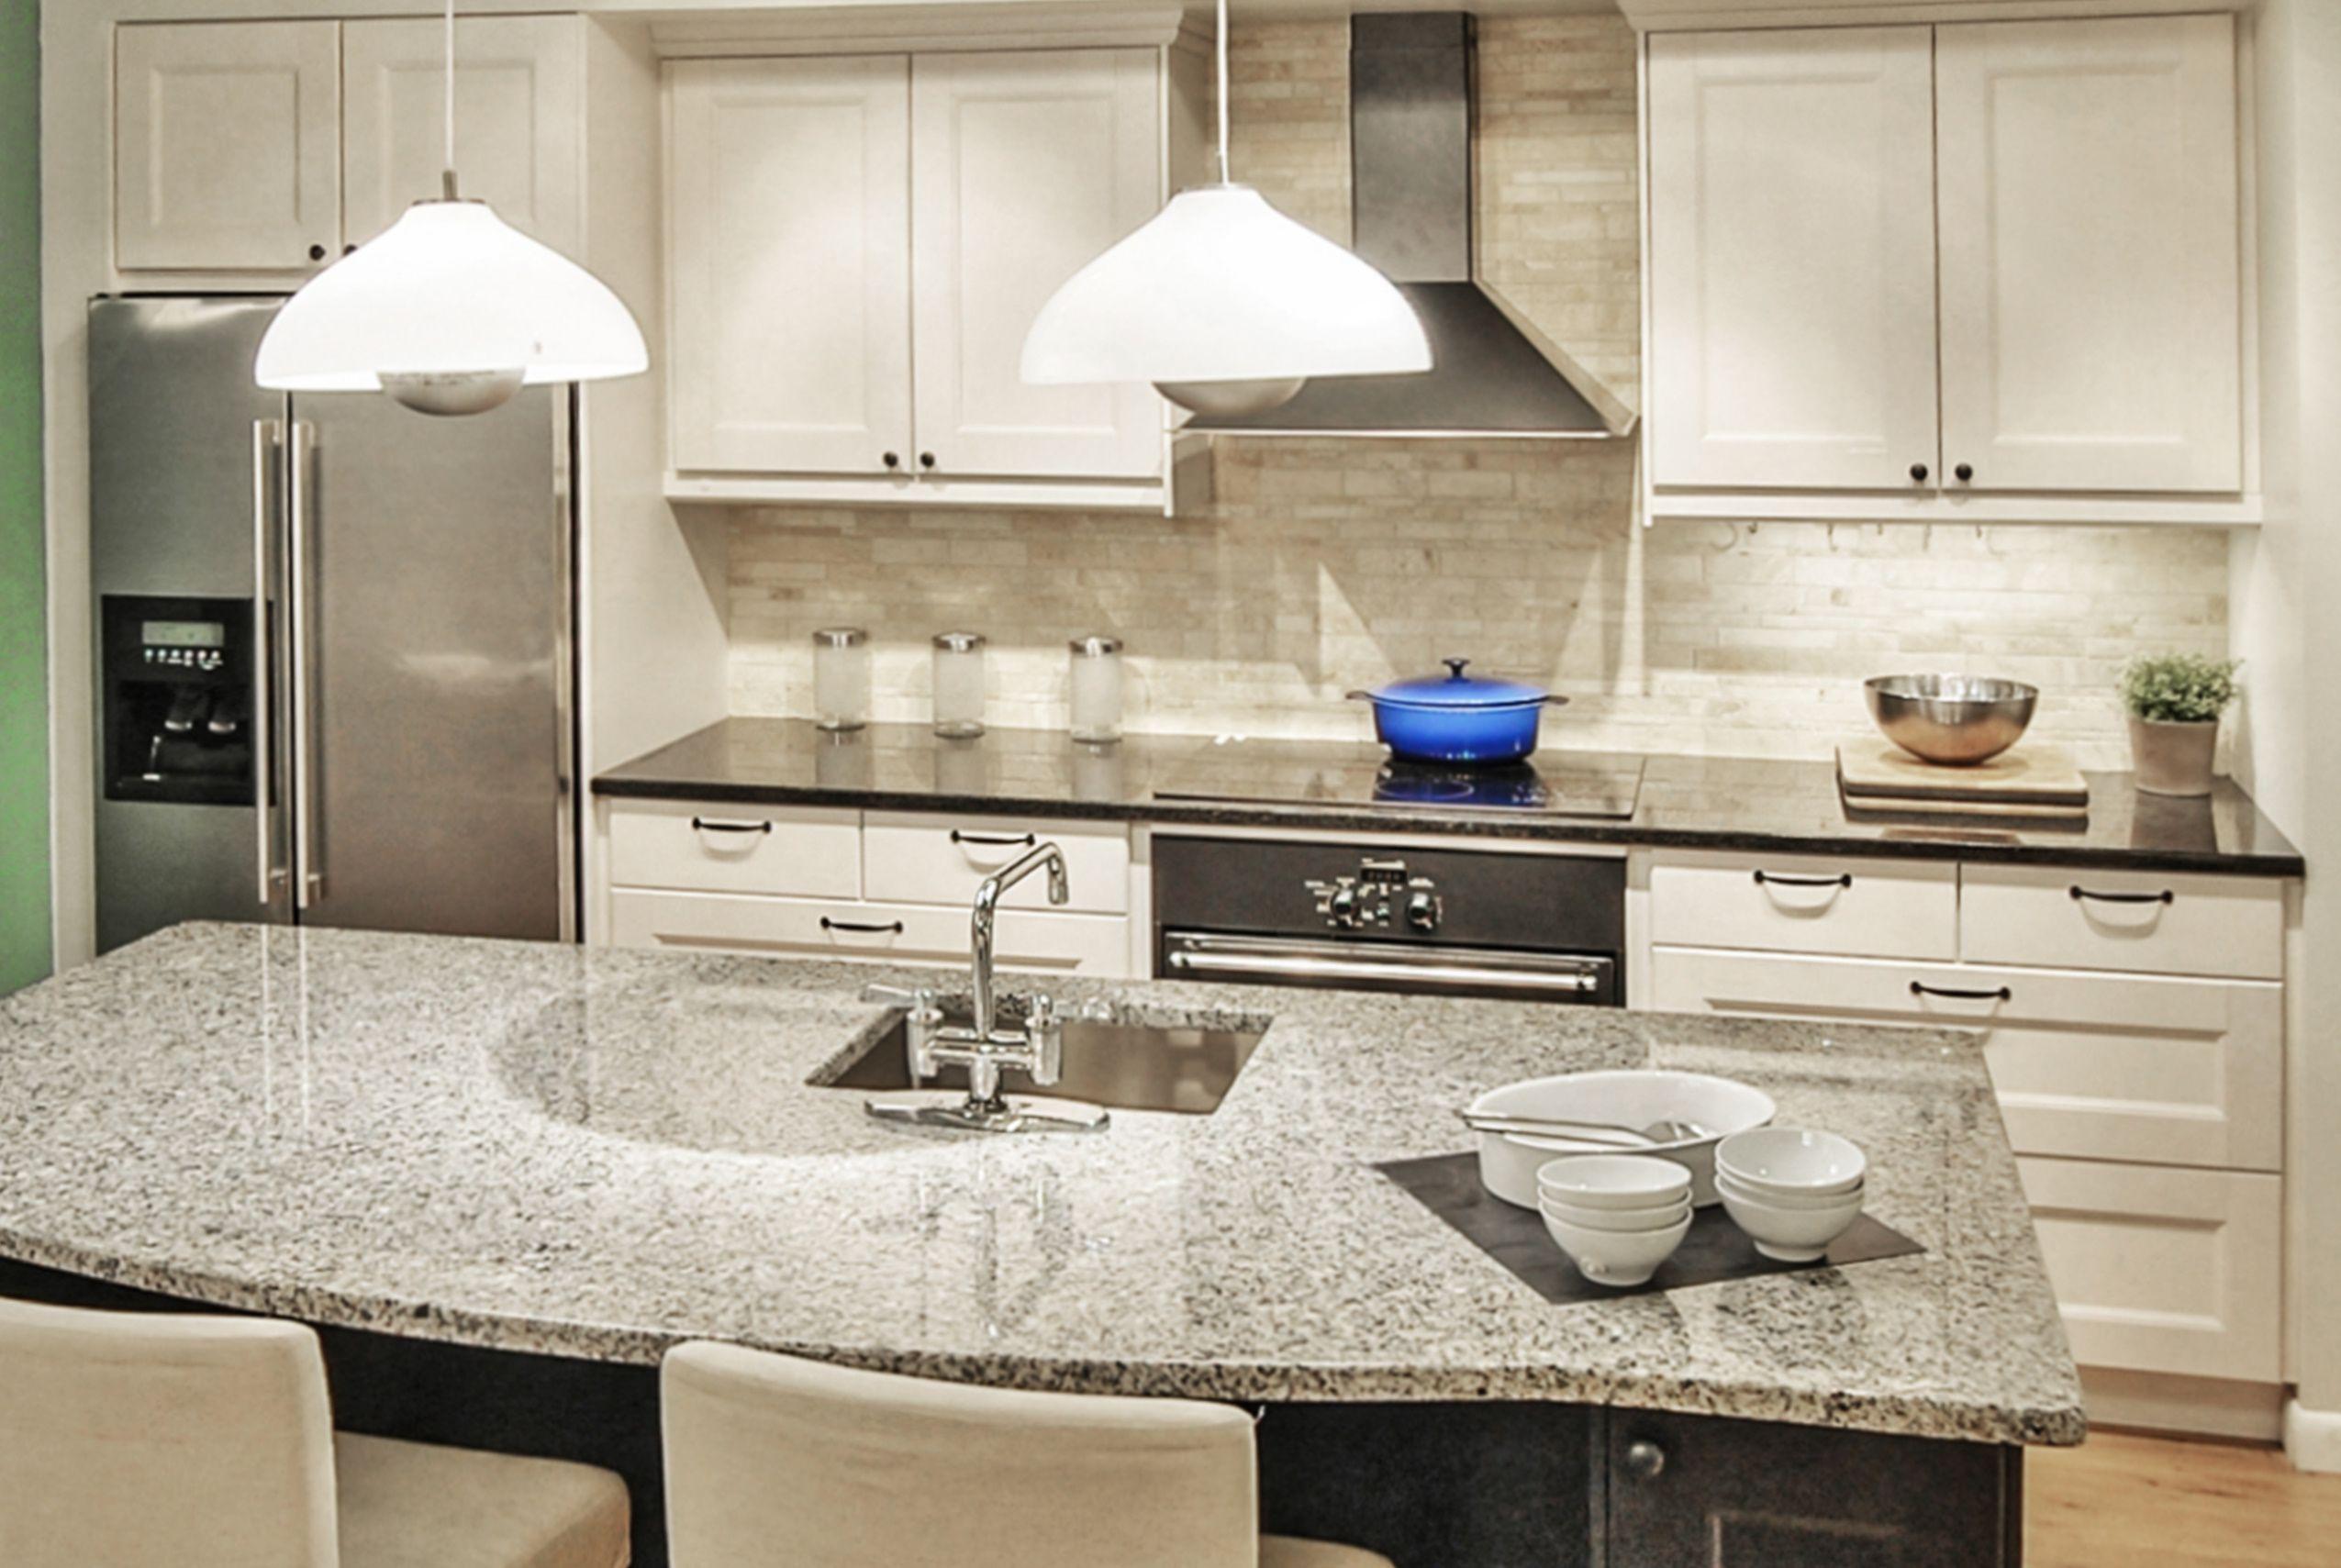 ikea kitchen showroom display design